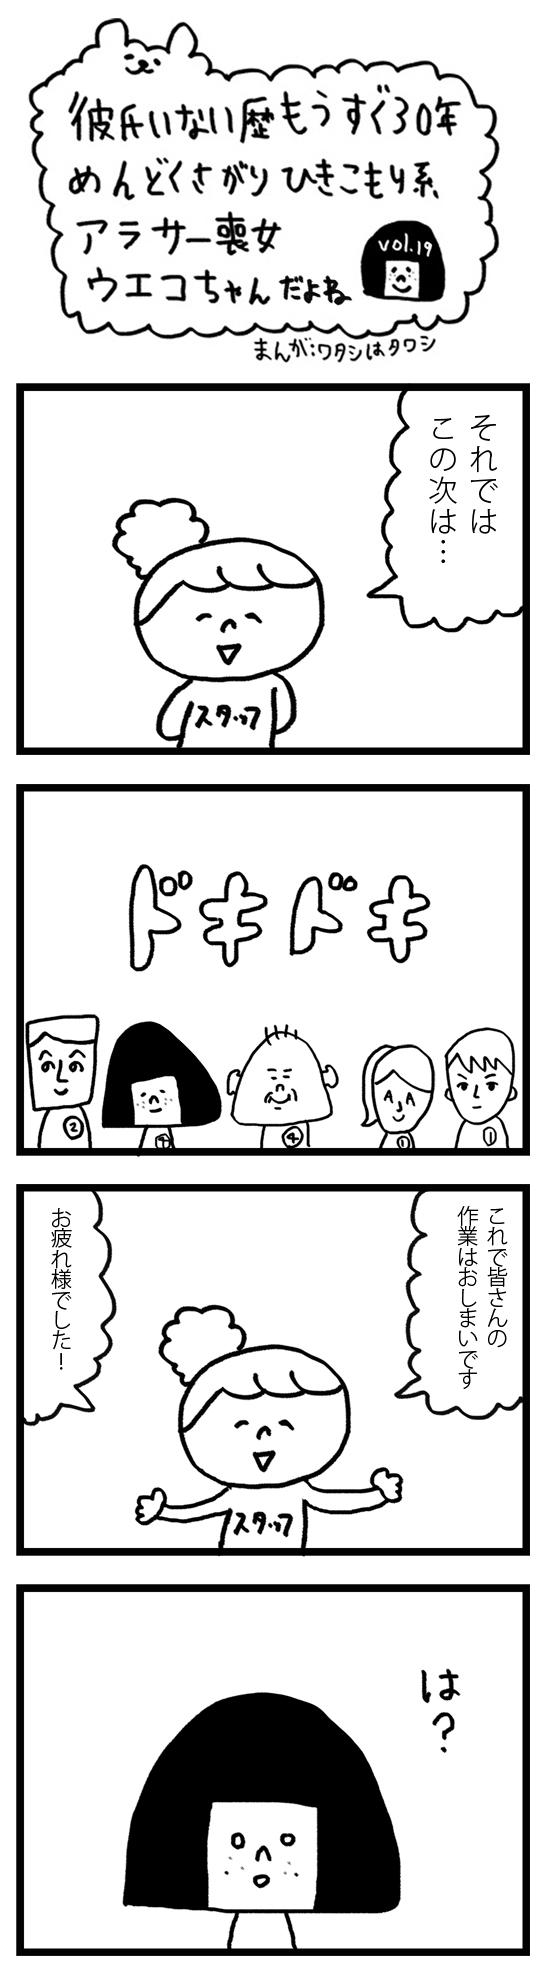 モテないアラサー女です 漫画1